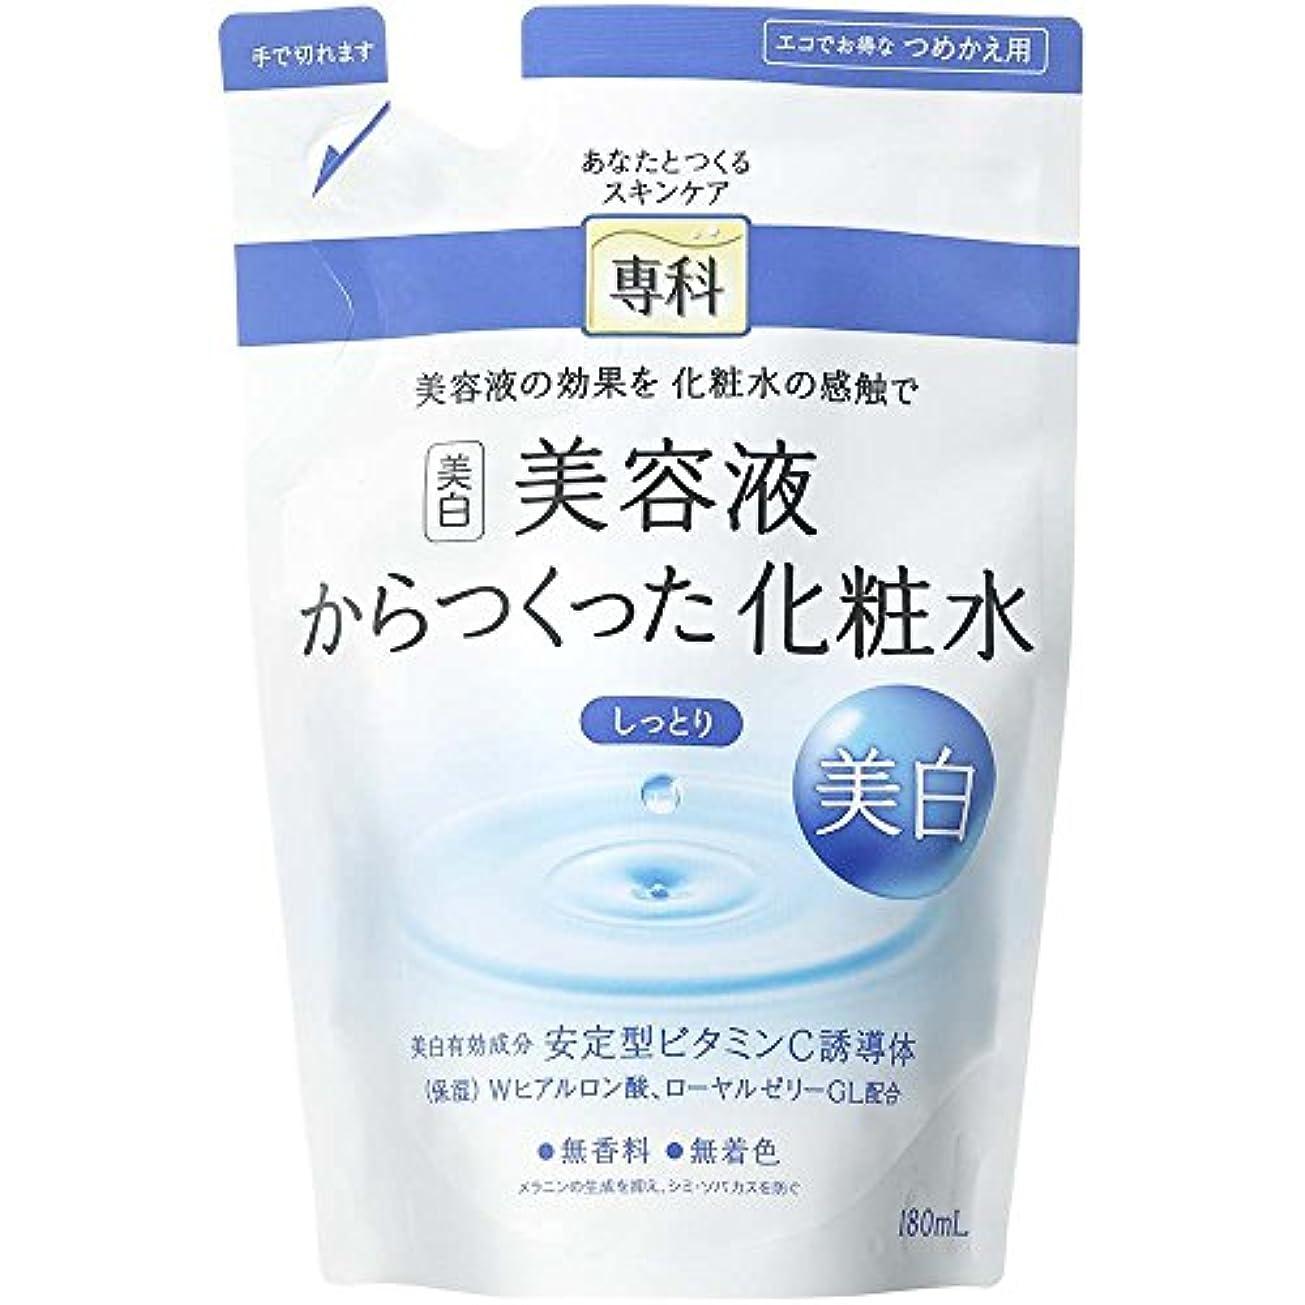 抑制する屋内伝導率専科 美容液からつくった化粧水 しっとり 美白 詰め替え用 180ml